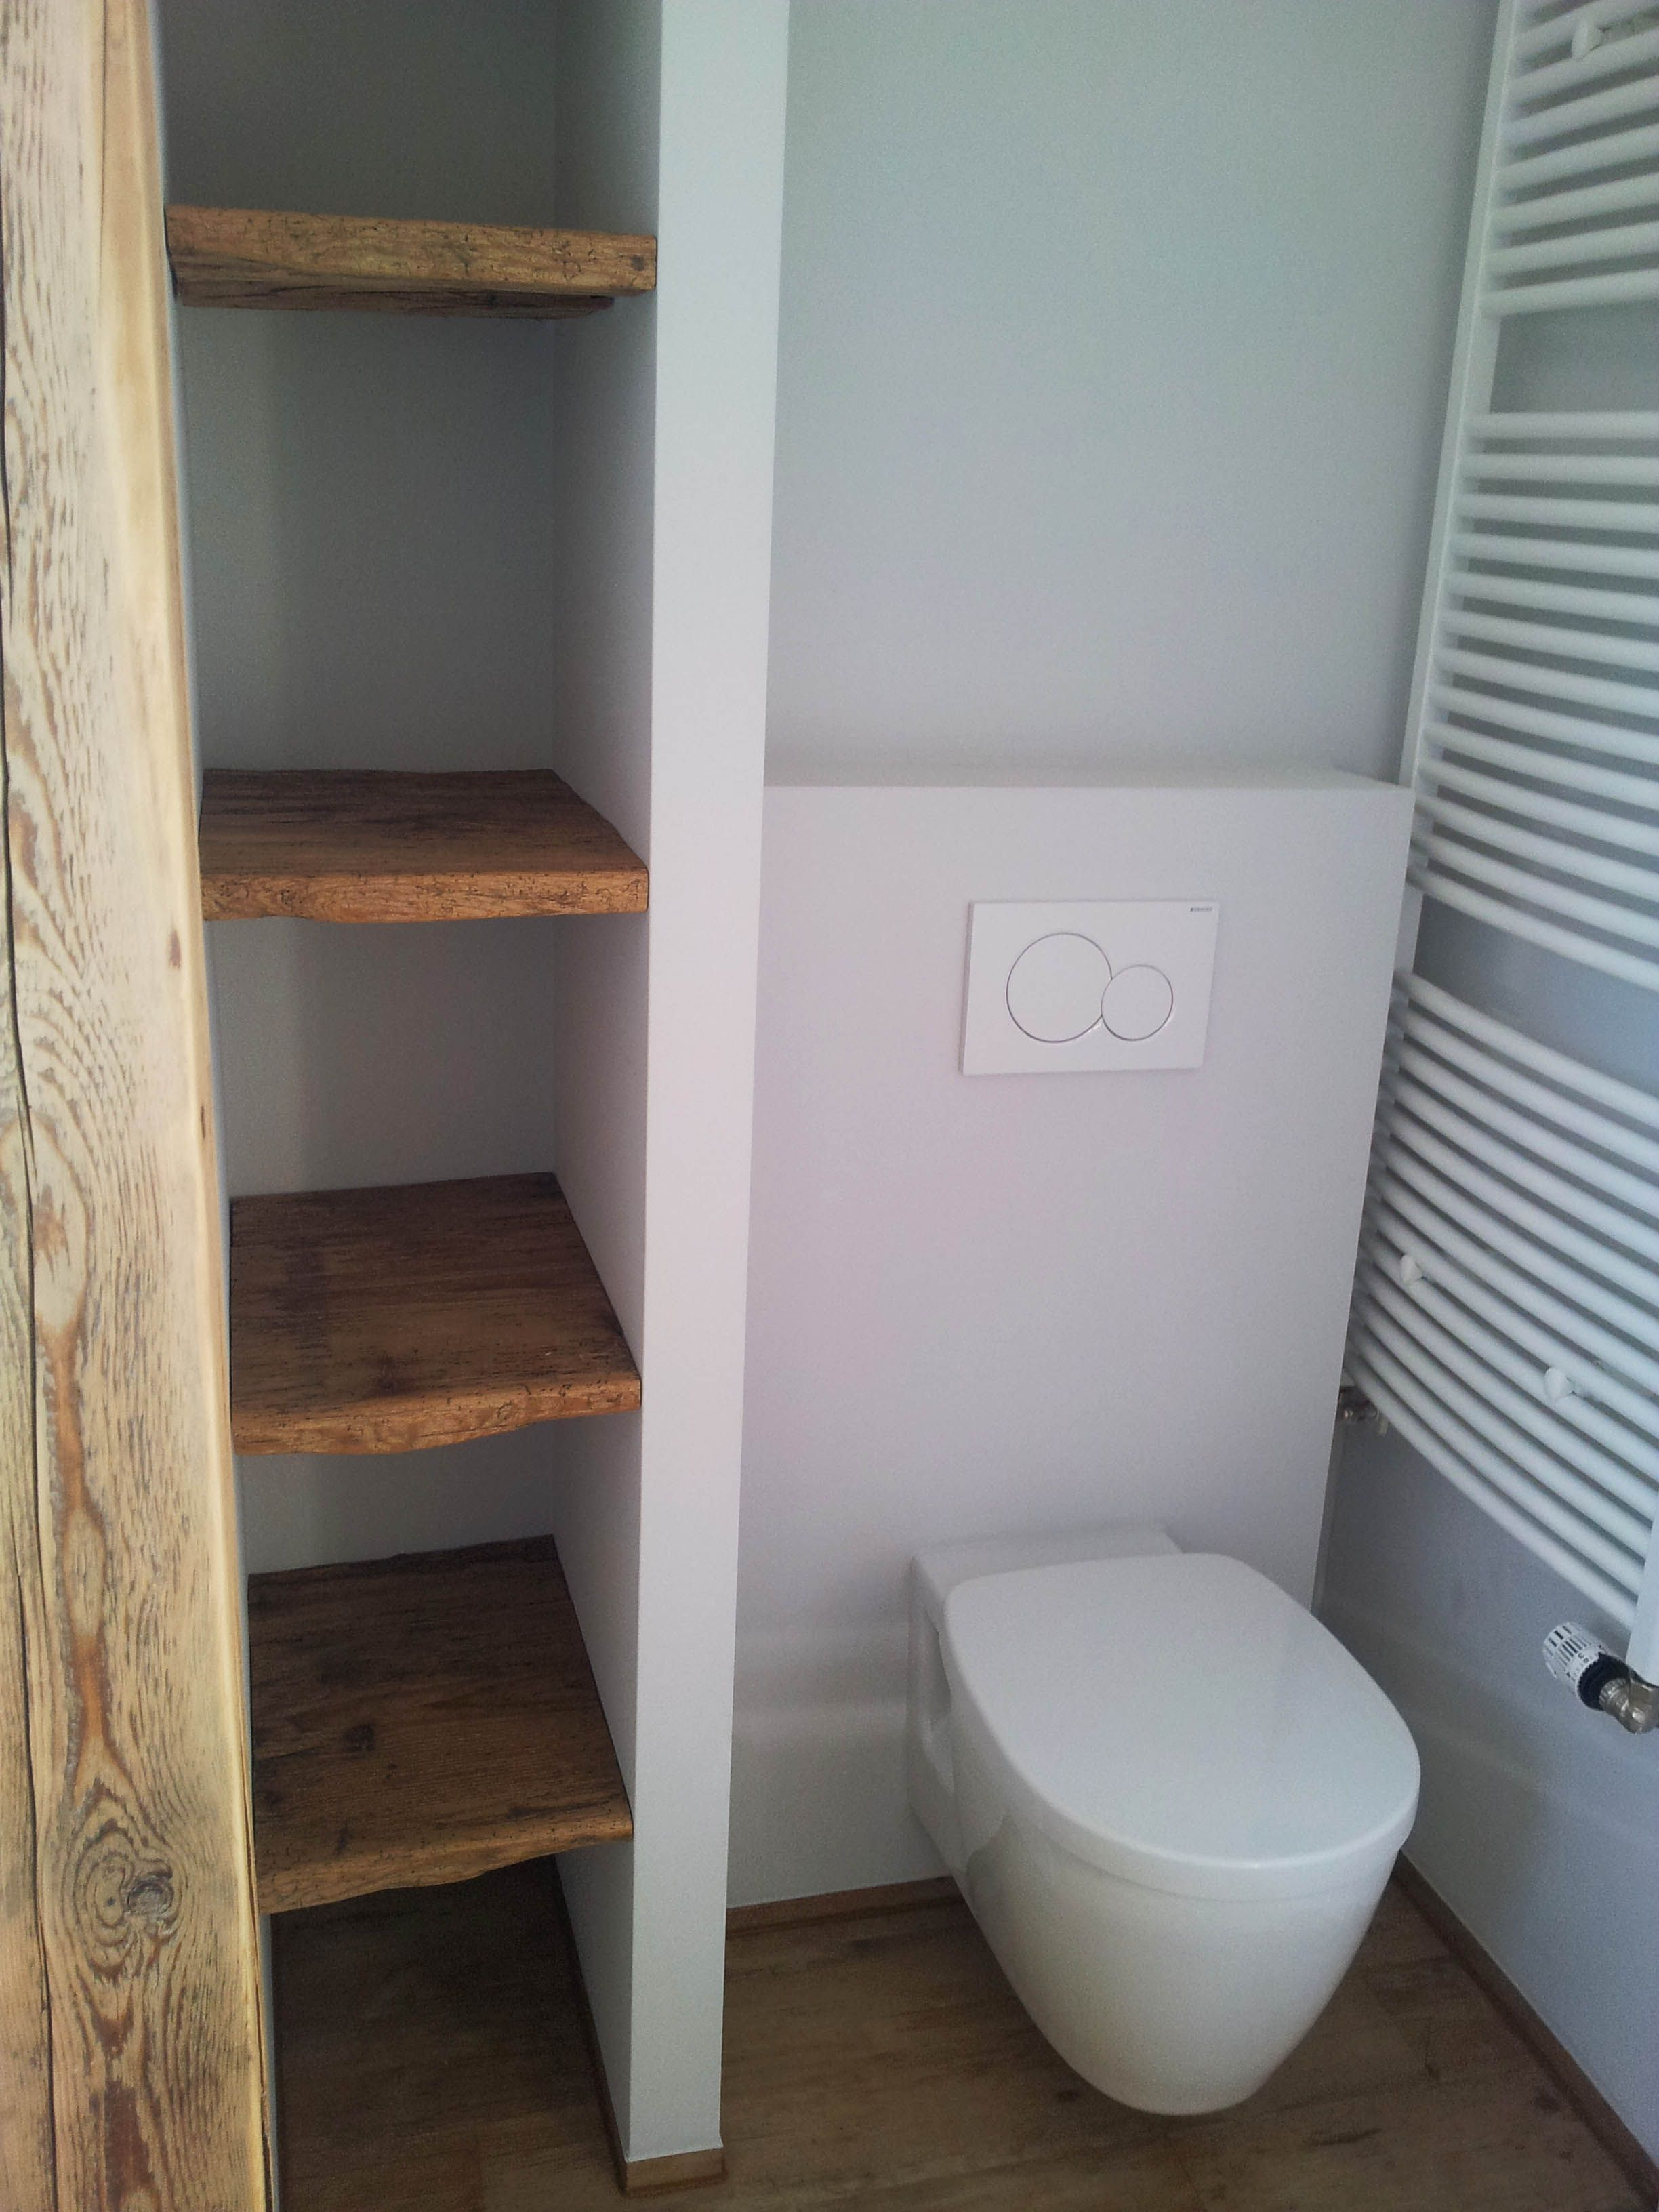 Bad Bathroom Holz Wc Toilette Badregal Badregale Regal Toilette